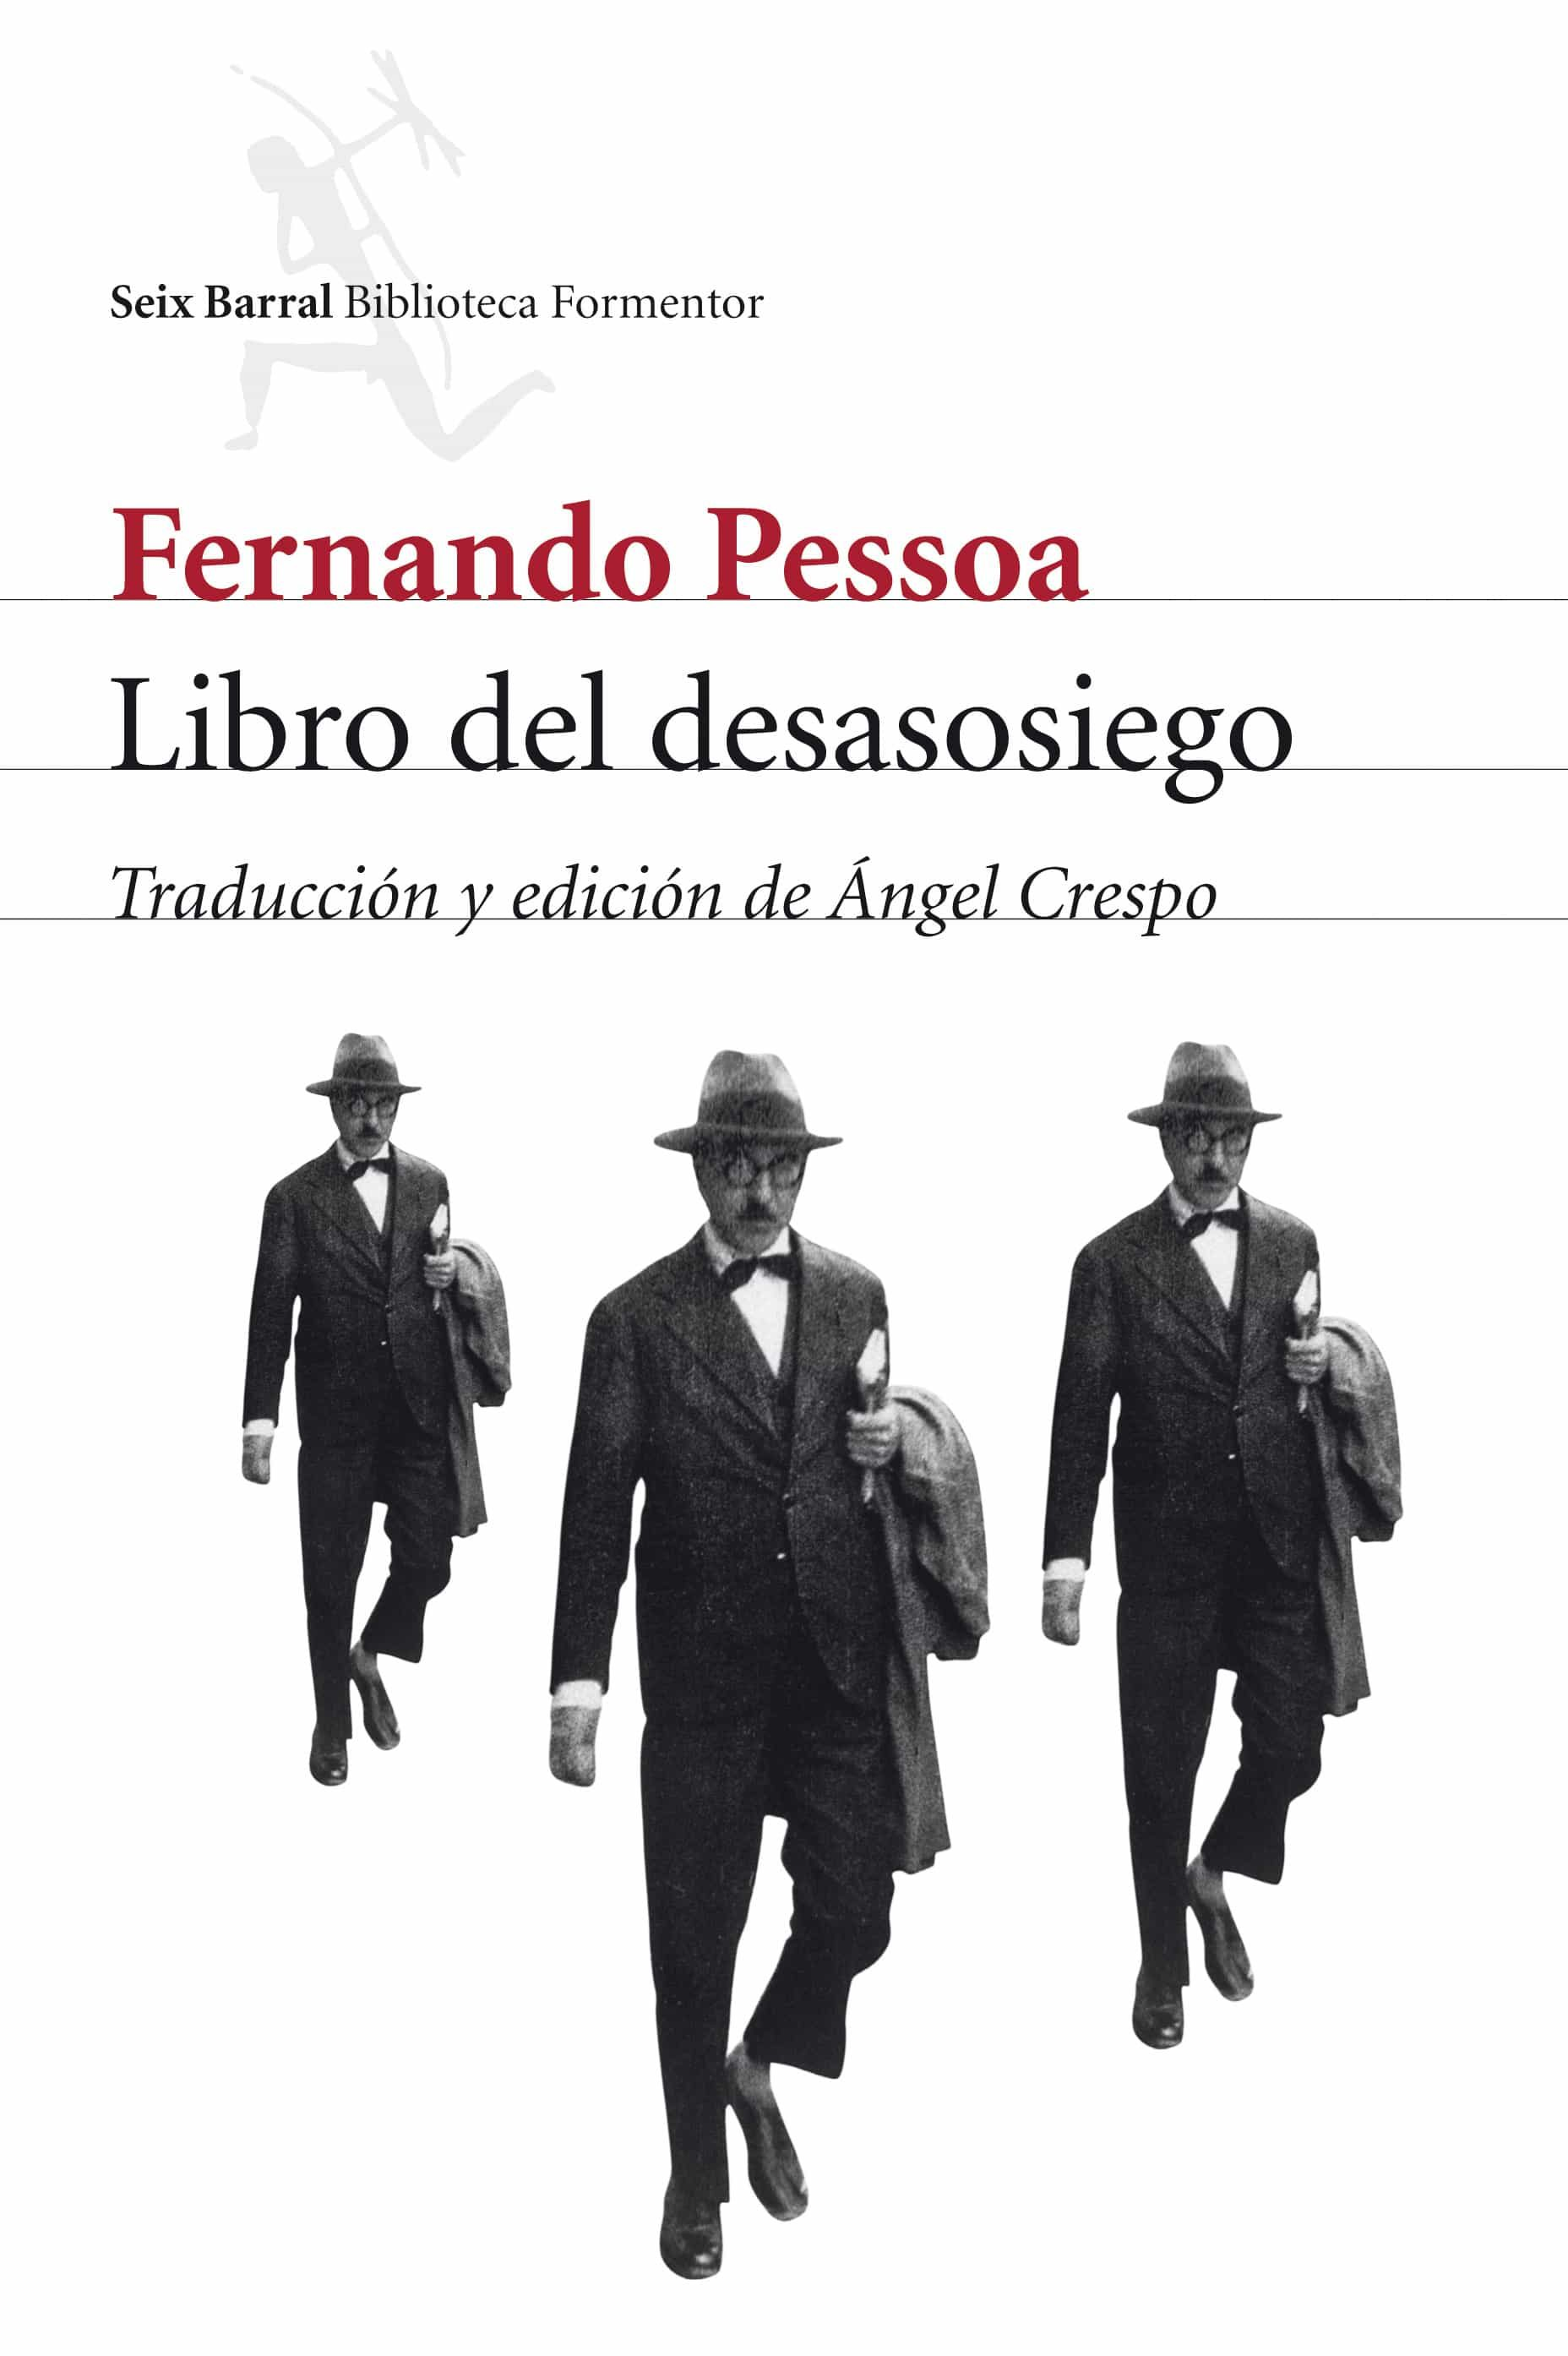 Literatura en primera persona, memorias, ficción autobiográfica, etc. 9788432219412